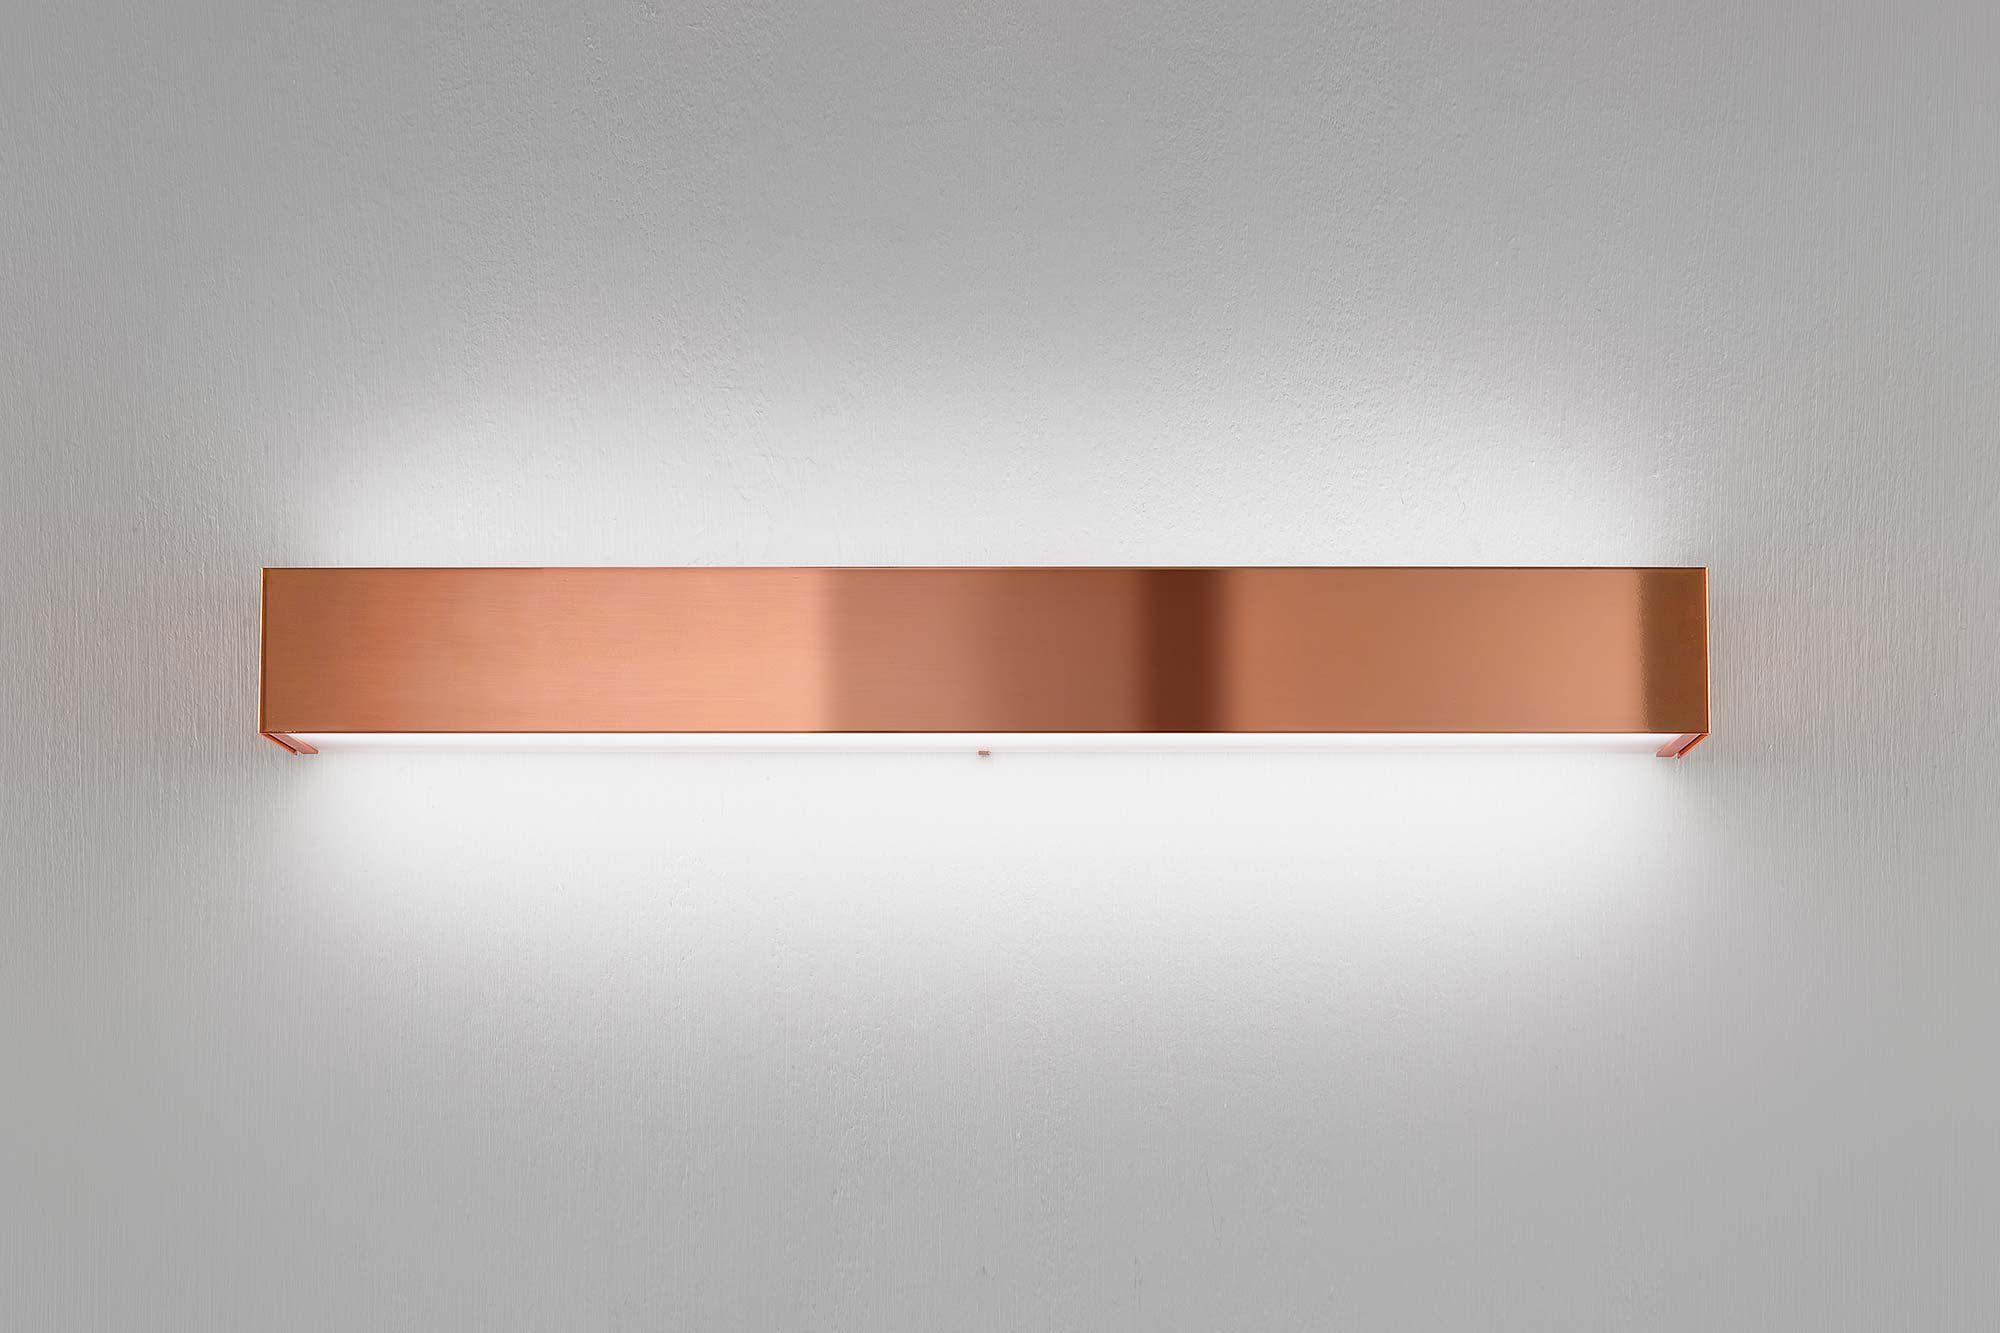 Plafoniera Quadrata Bagno : Applique moderna da bagno in acciaio inossidabile led toy